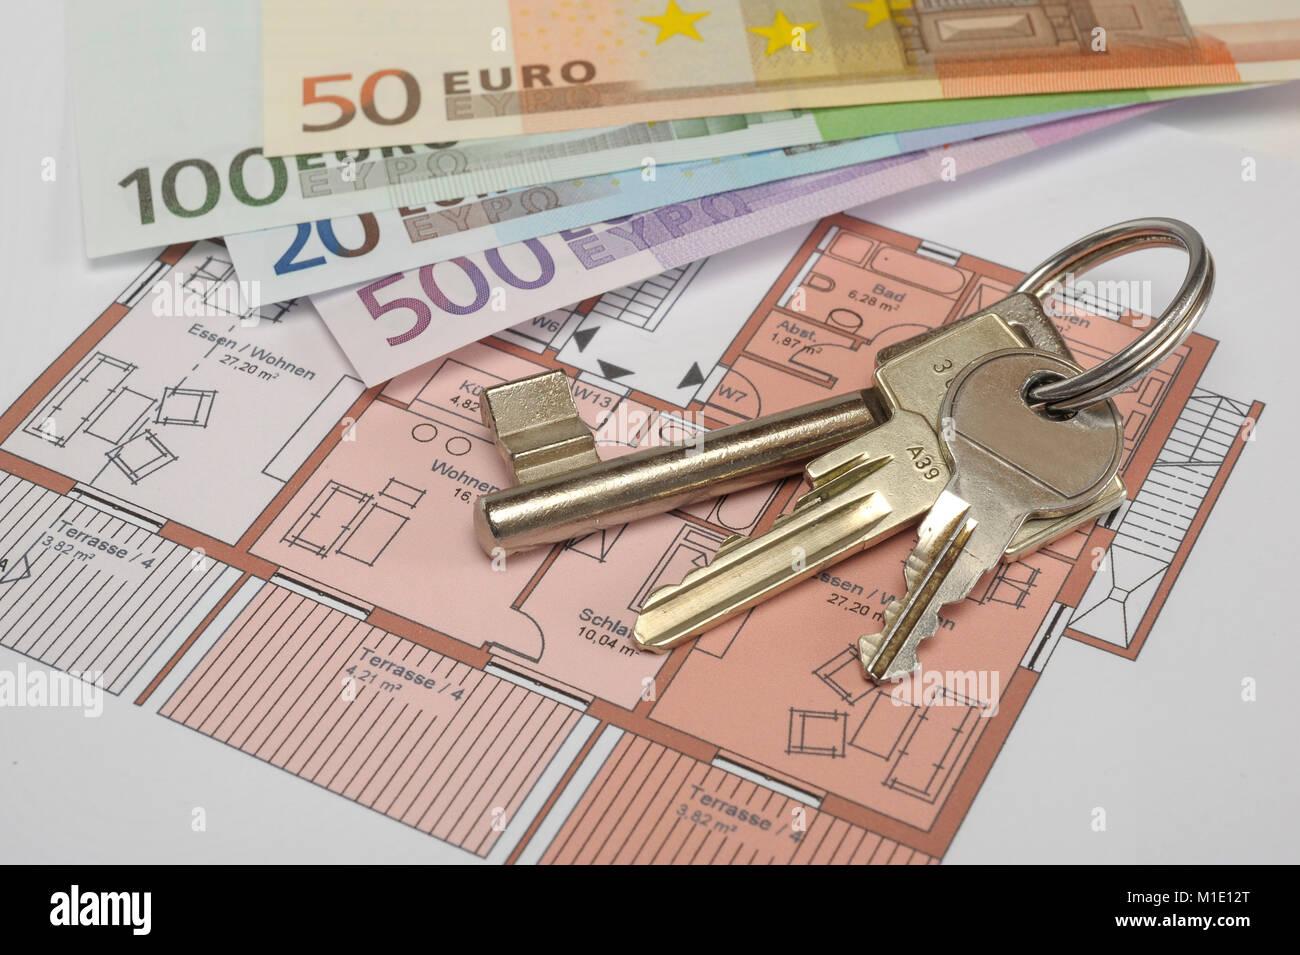 Wohnungsschlüssel und Euro Geldscheine als Miete für Wohnung Stockbild